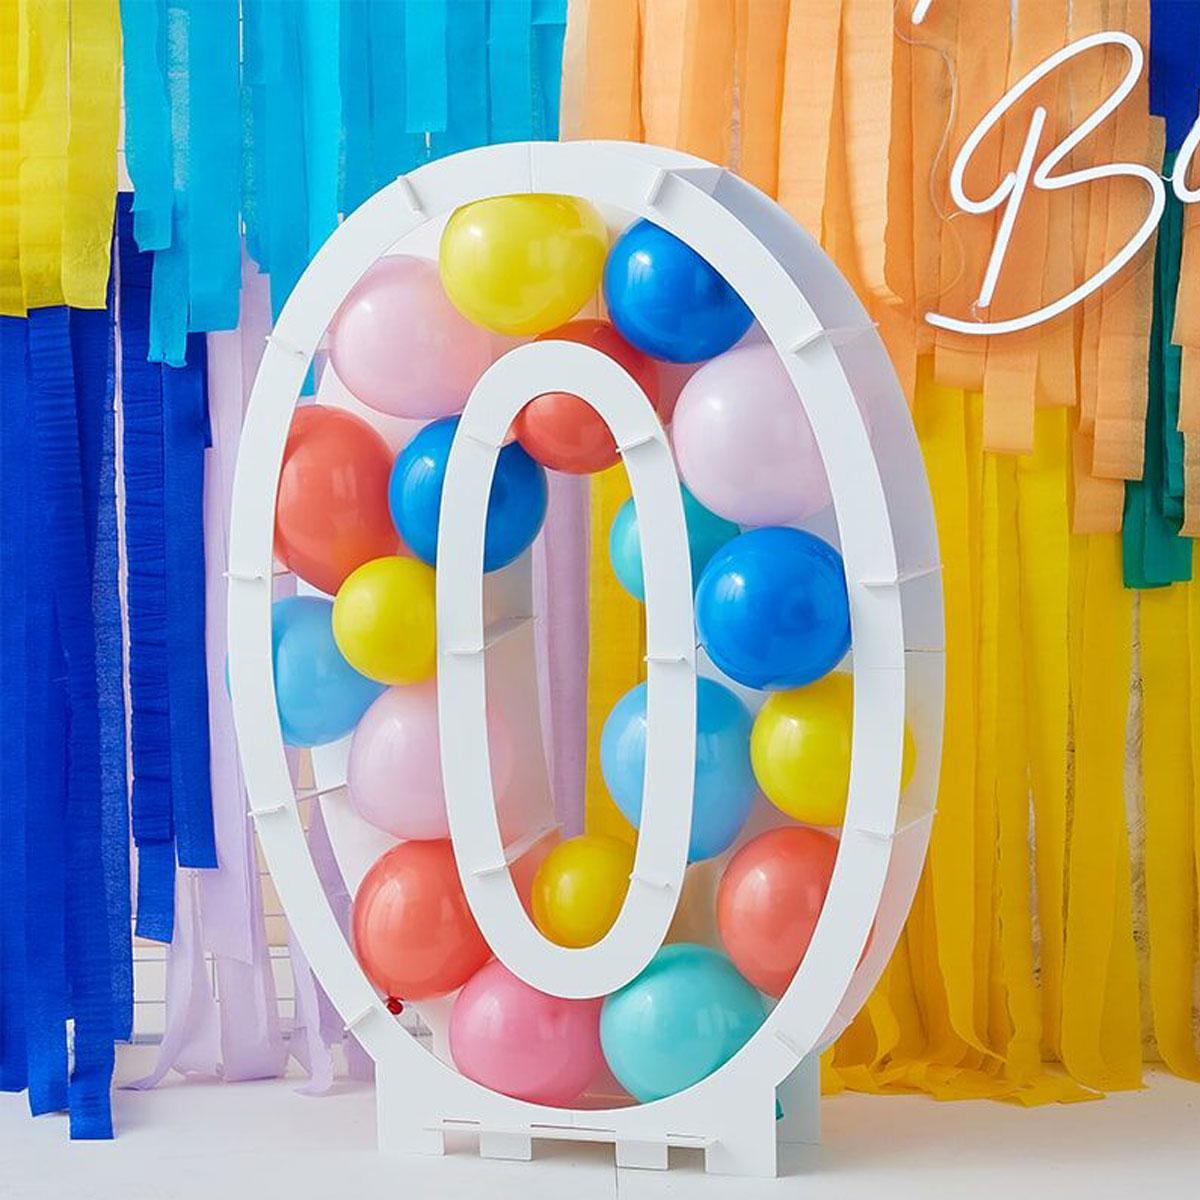 Zahlenständer mit Luftballons Nr.0 - Bunt